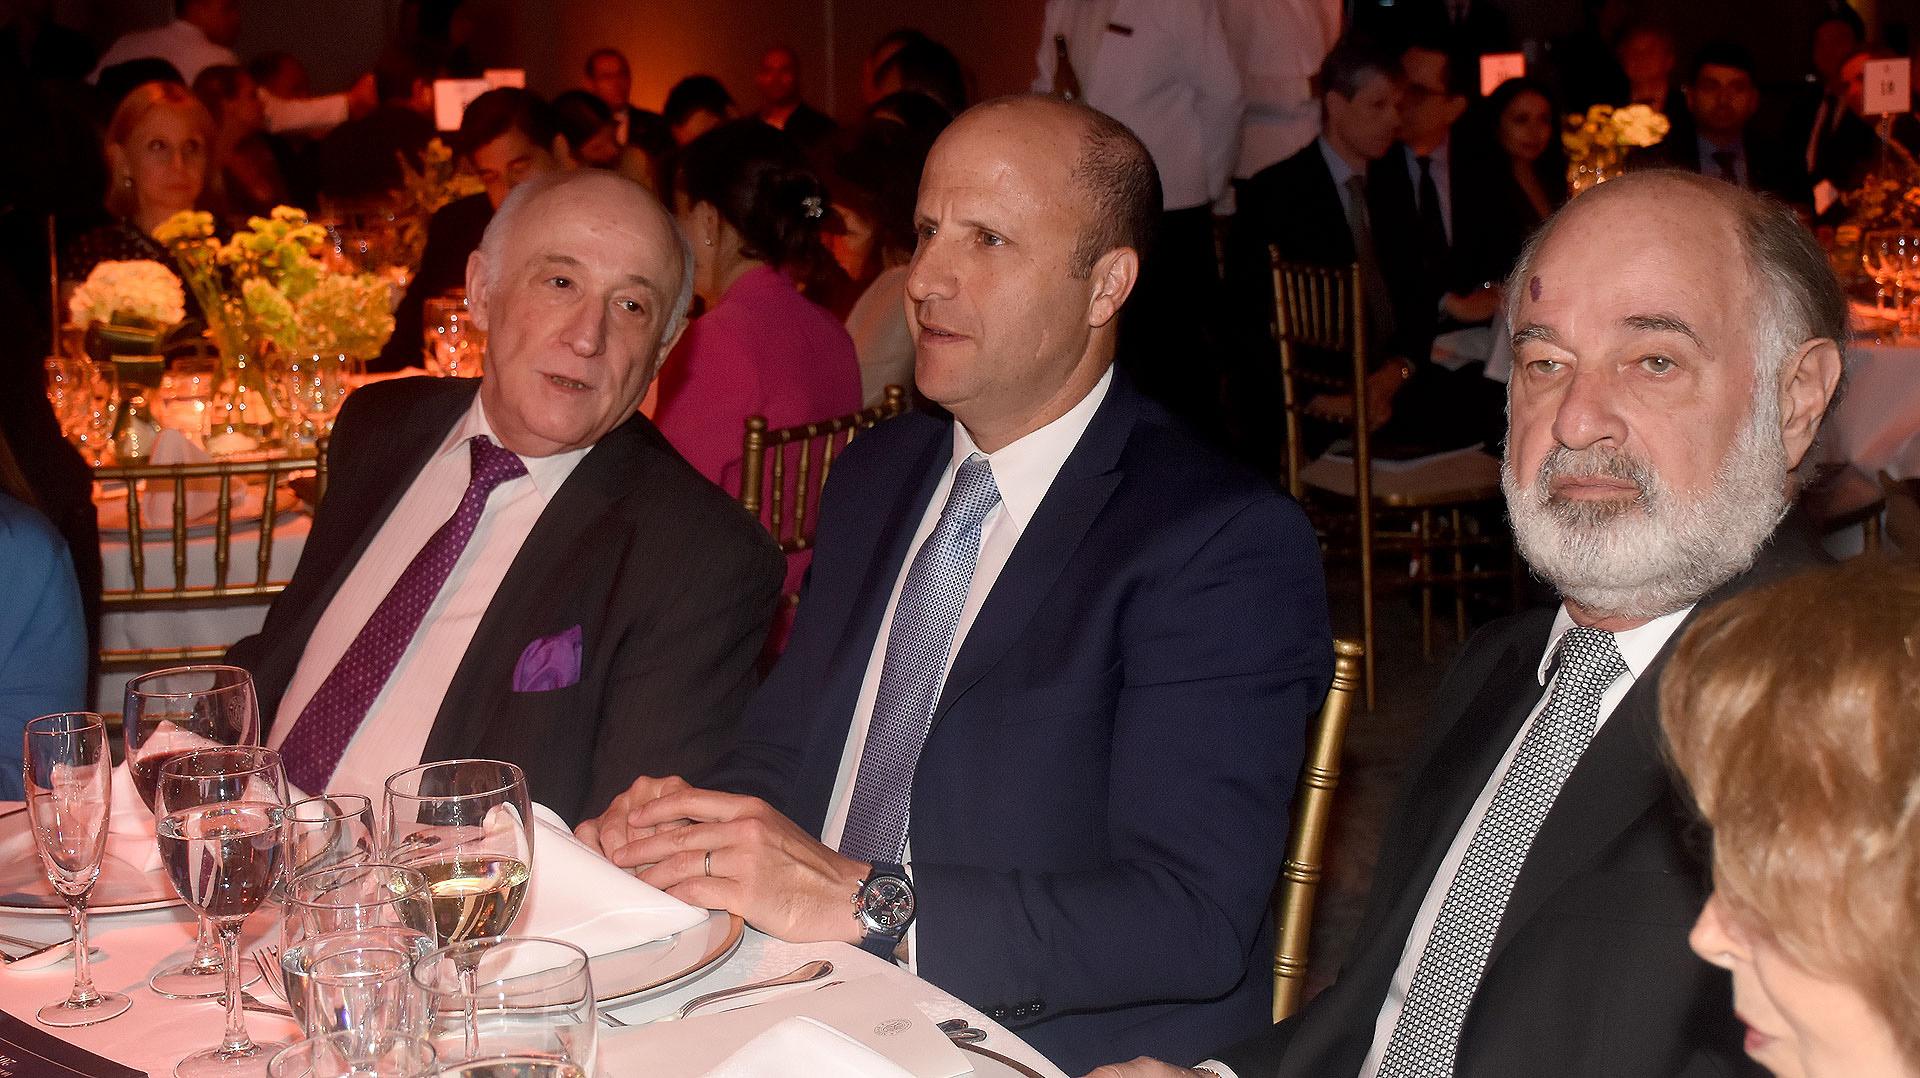 El juez de la Cámara Nacional de Apelaciones en lo Penal Económico, Marcos Grabivker, y el juez Mariano Borinski, presidente de la Sala IV de la Cámara Federal de Casación Penal